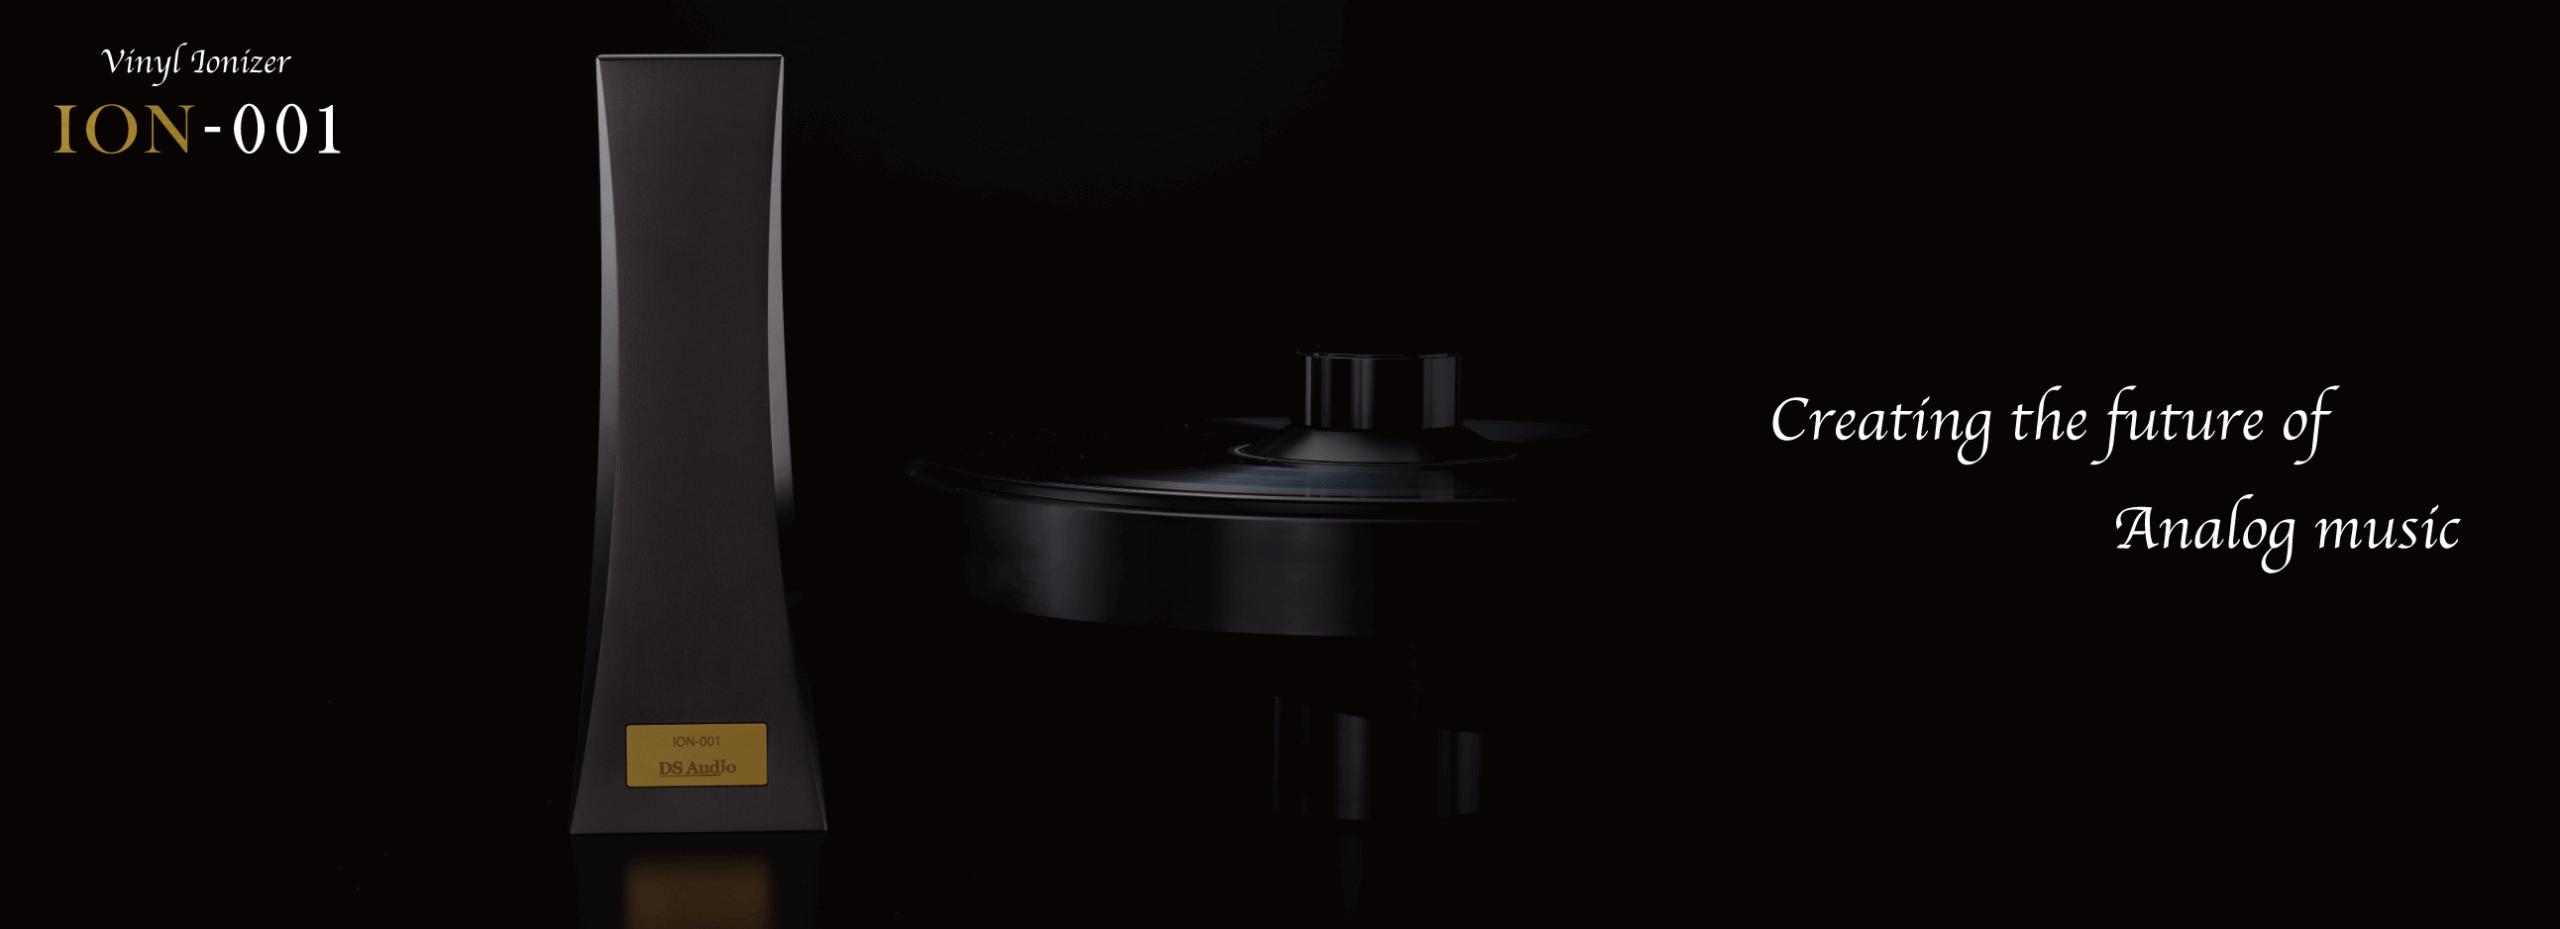 ION-001 Vinyl Ionizer